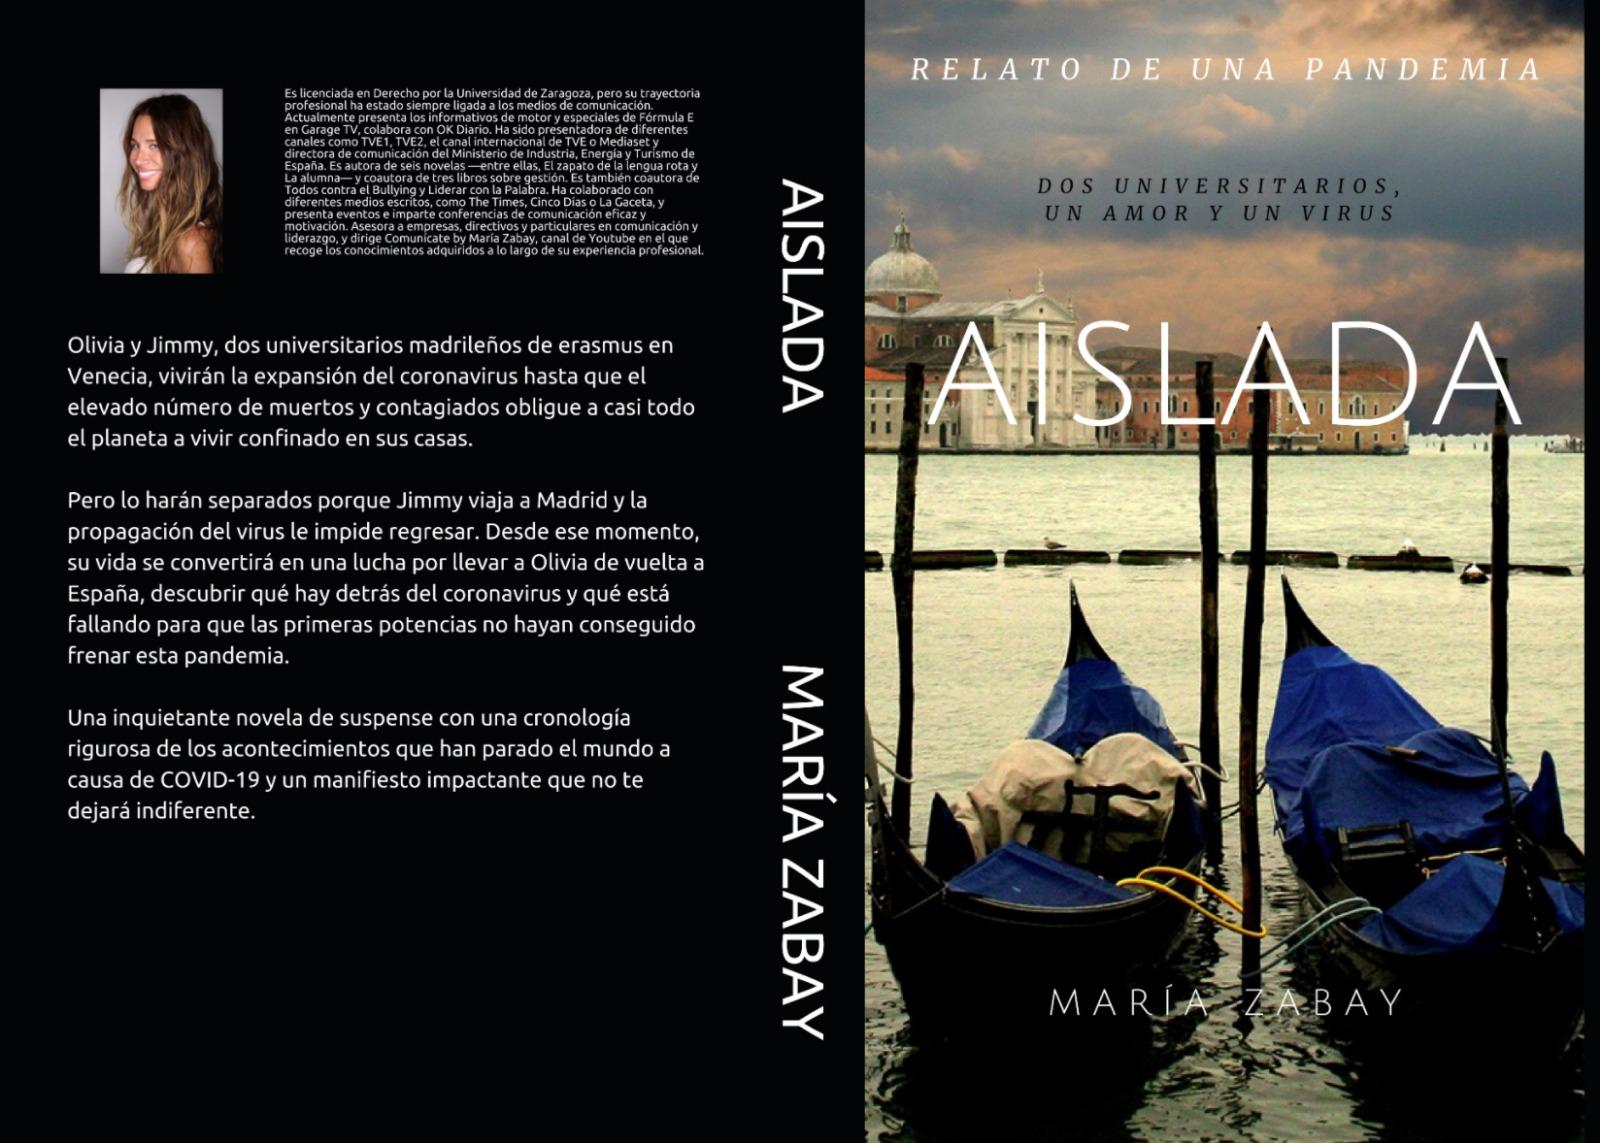 'Aislada': la historia de amor y suspense de una pareja española sorprendida en Venecia por el COVID-19